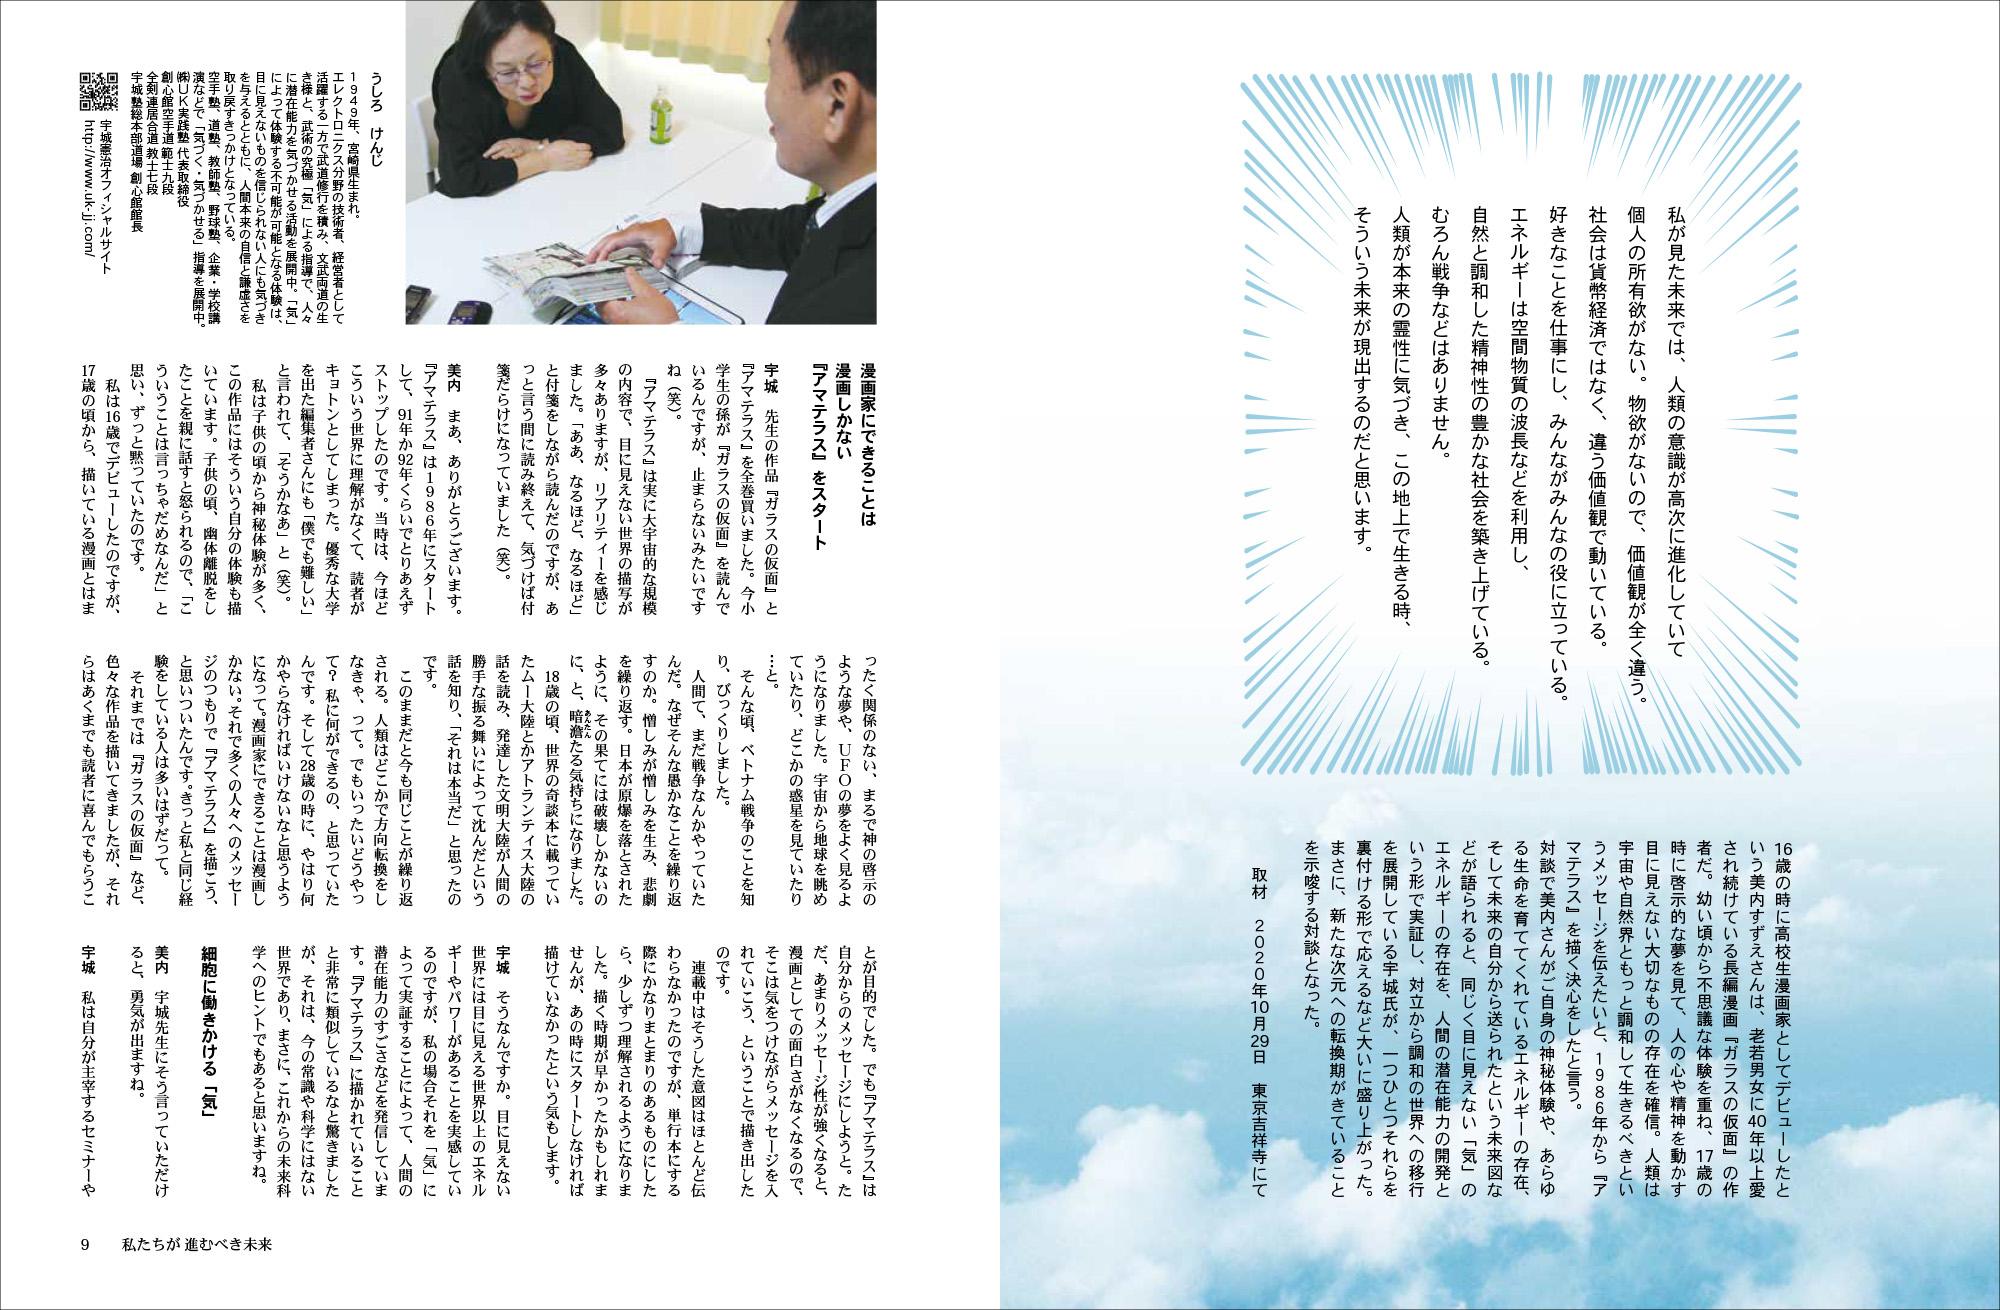 『道』207 巻頭対談 p8-9